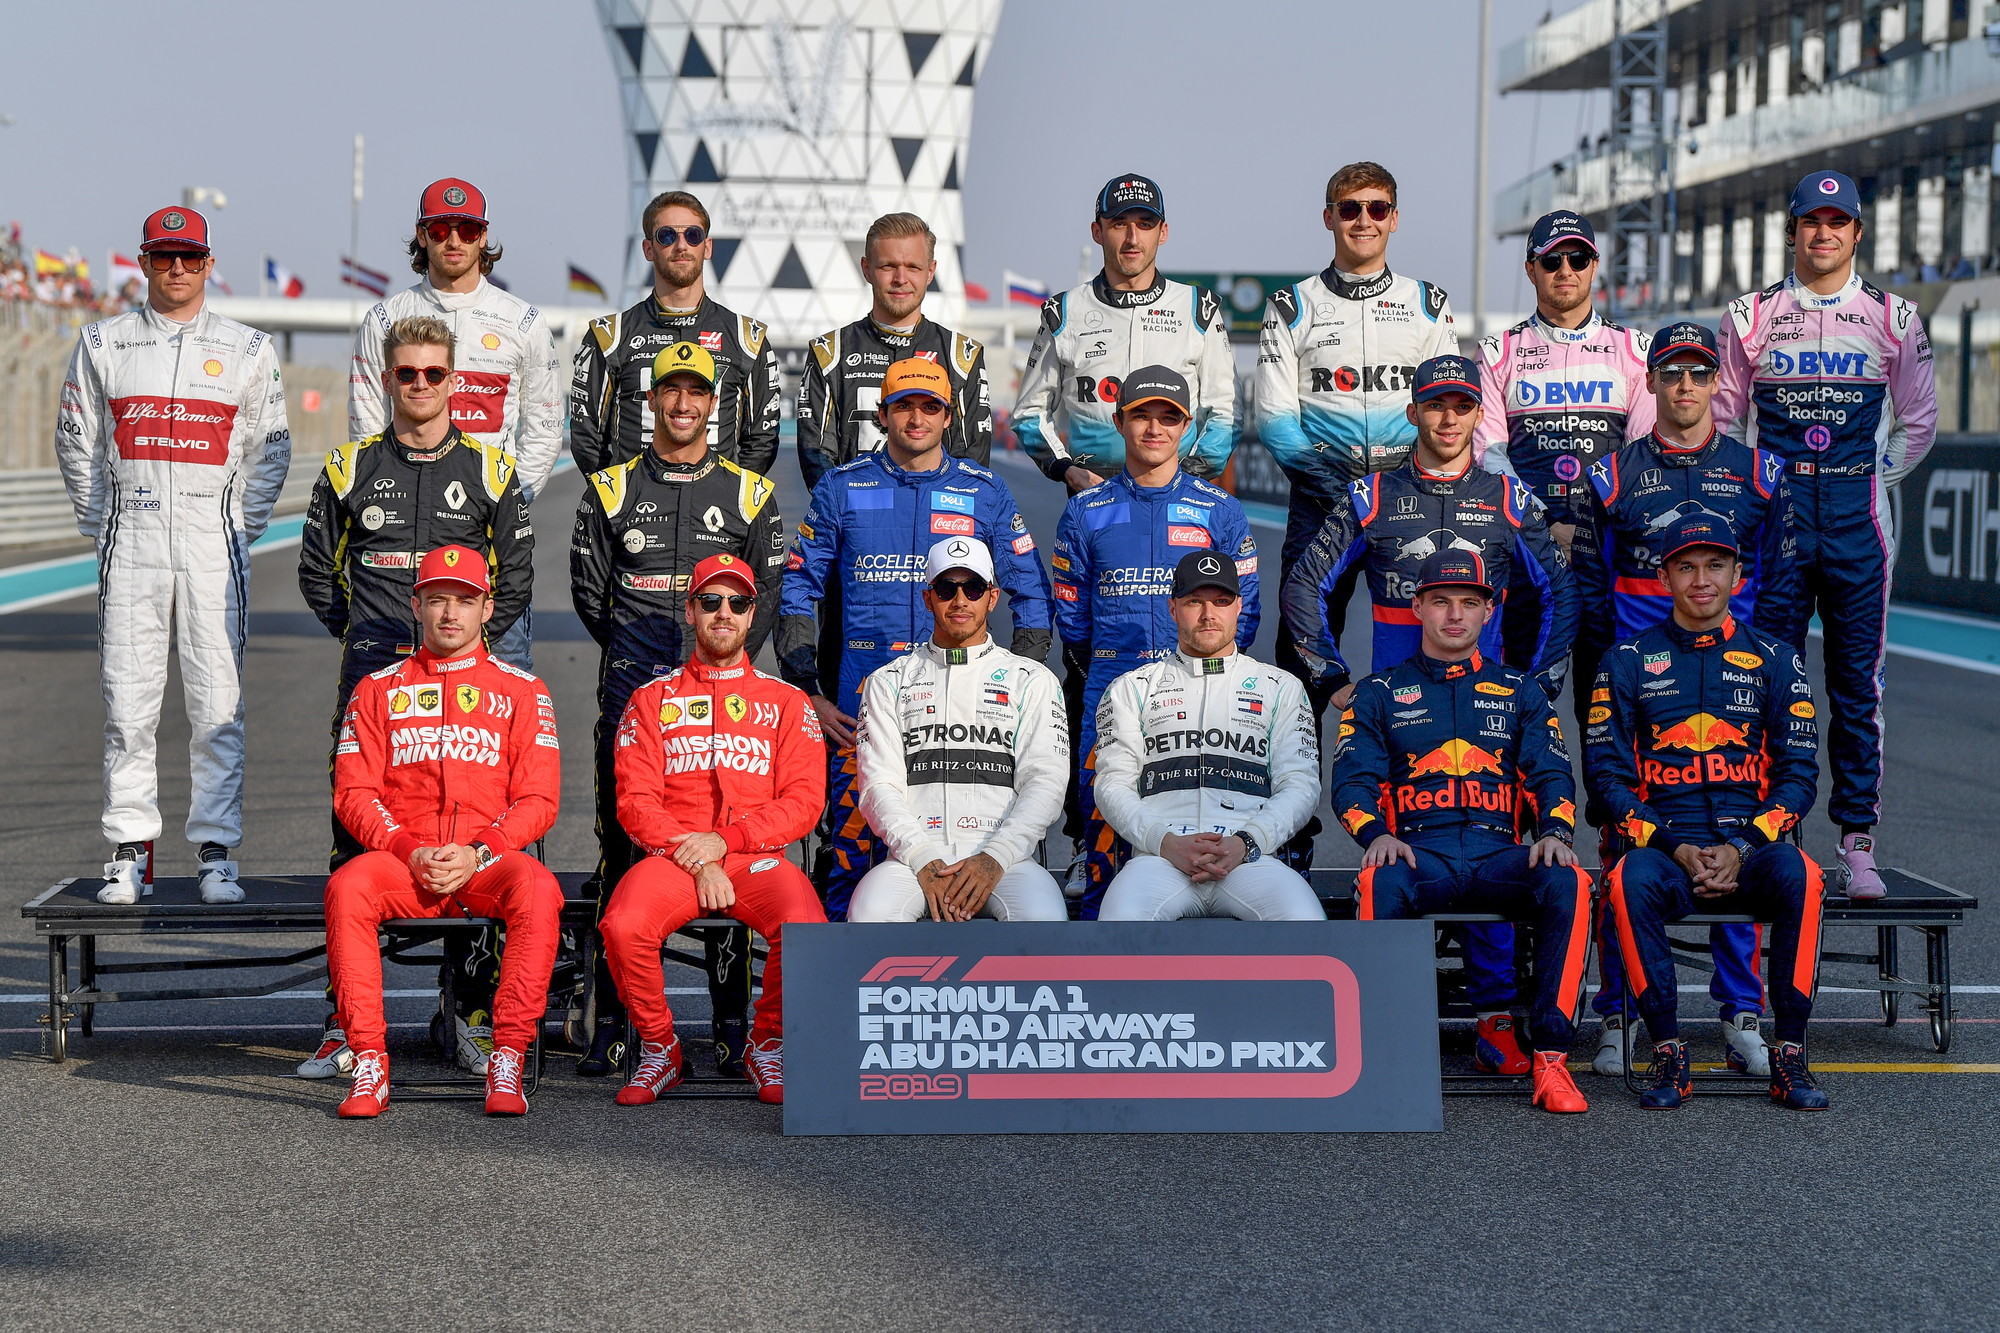 Tutti in posa sul circuito di Yas Marina, ad Abu Dhabi si chiude la stagione